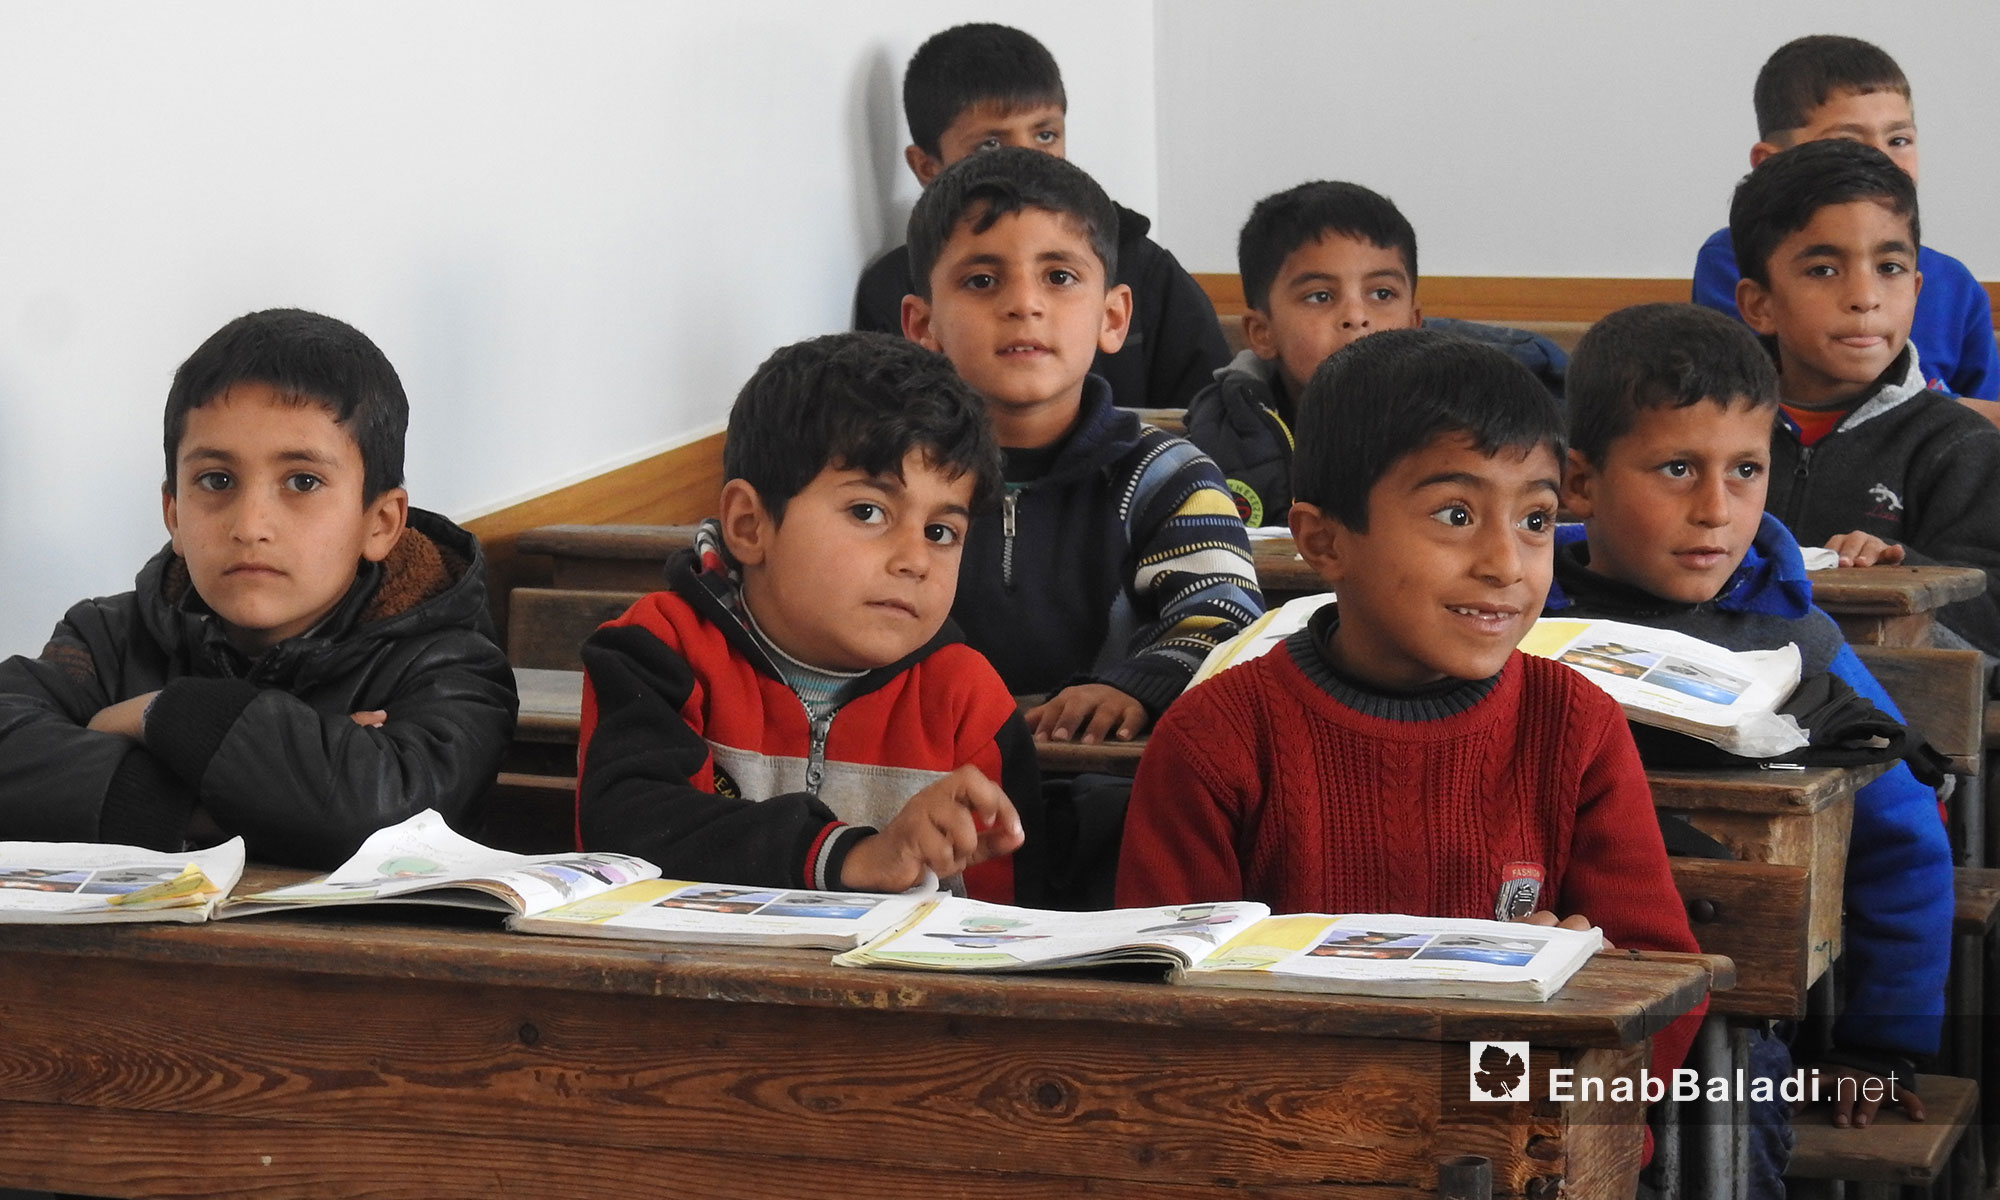 طلاب يبدؤون الفصل الثاني للعام الدراسي  في مدارس بلدة دابق بريف حلب الشمالي - 5 شباط  2018 (عنب بلدي)